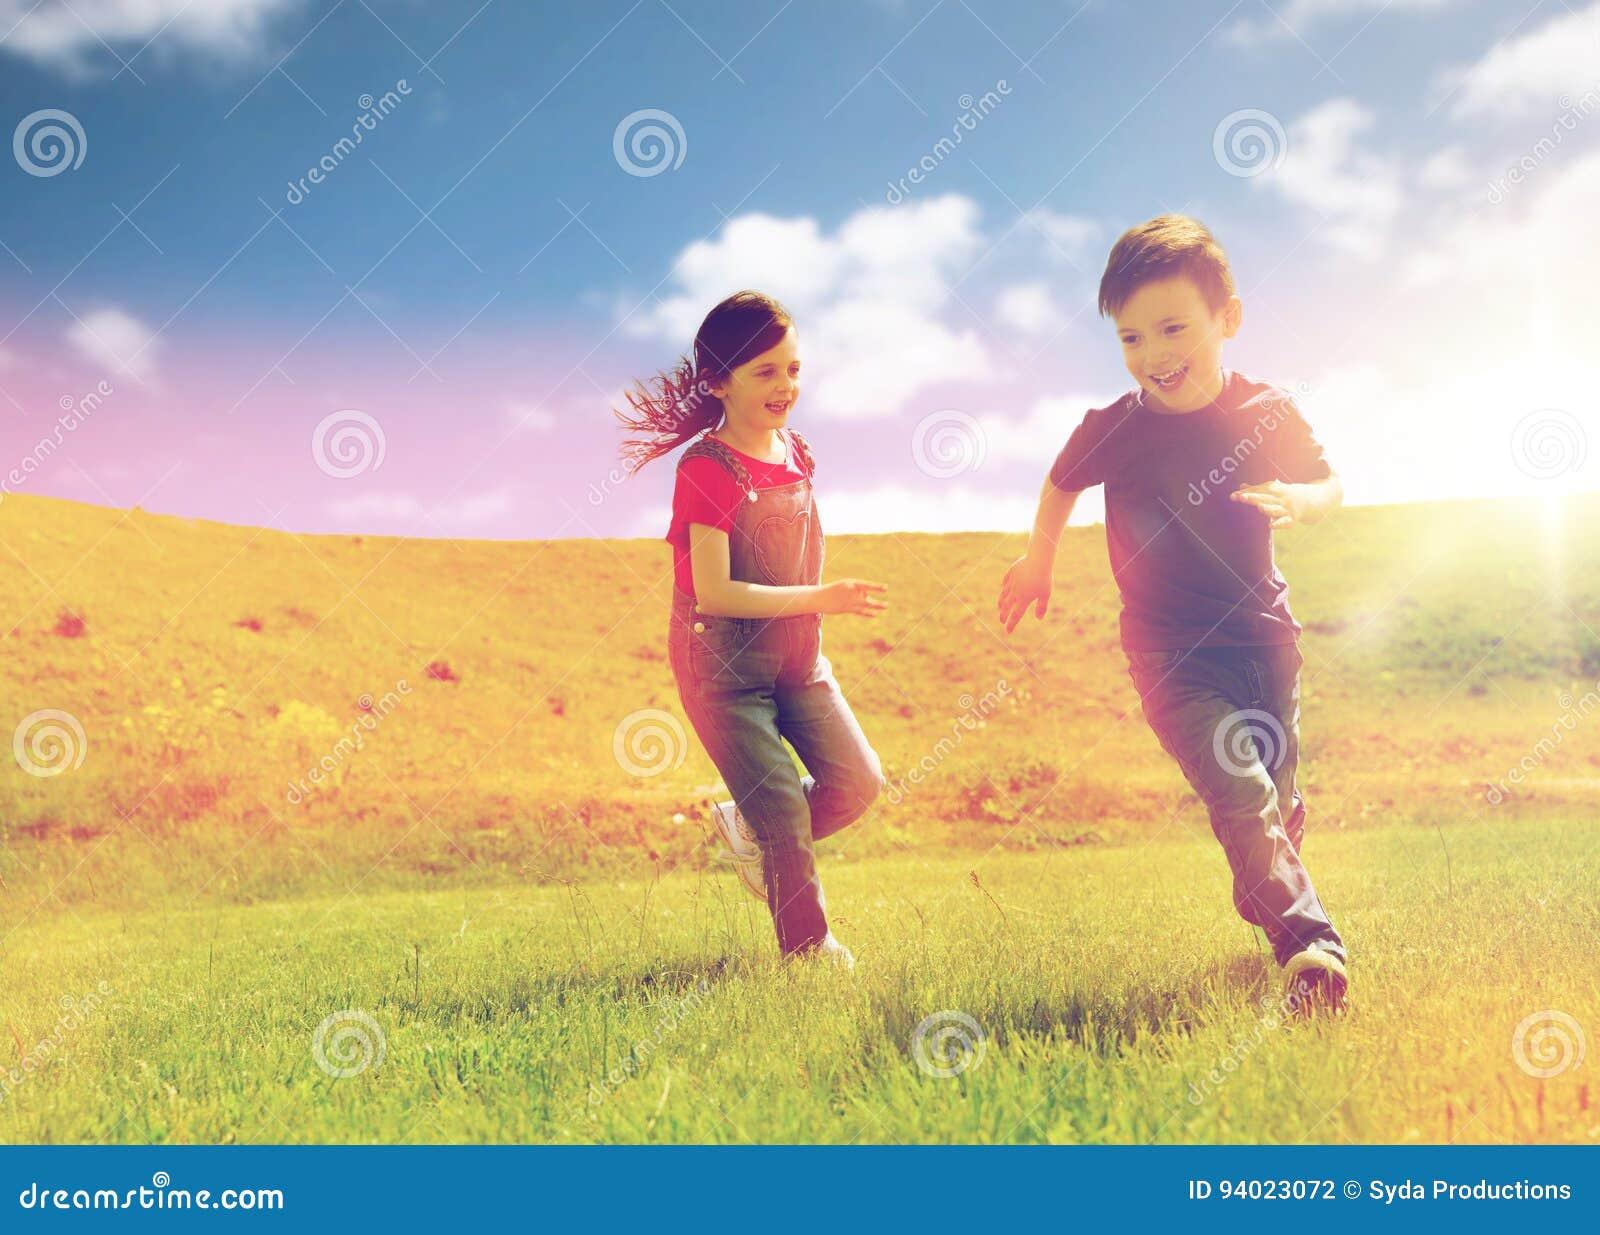 Lycklig rinnande pys och flicka utomhus